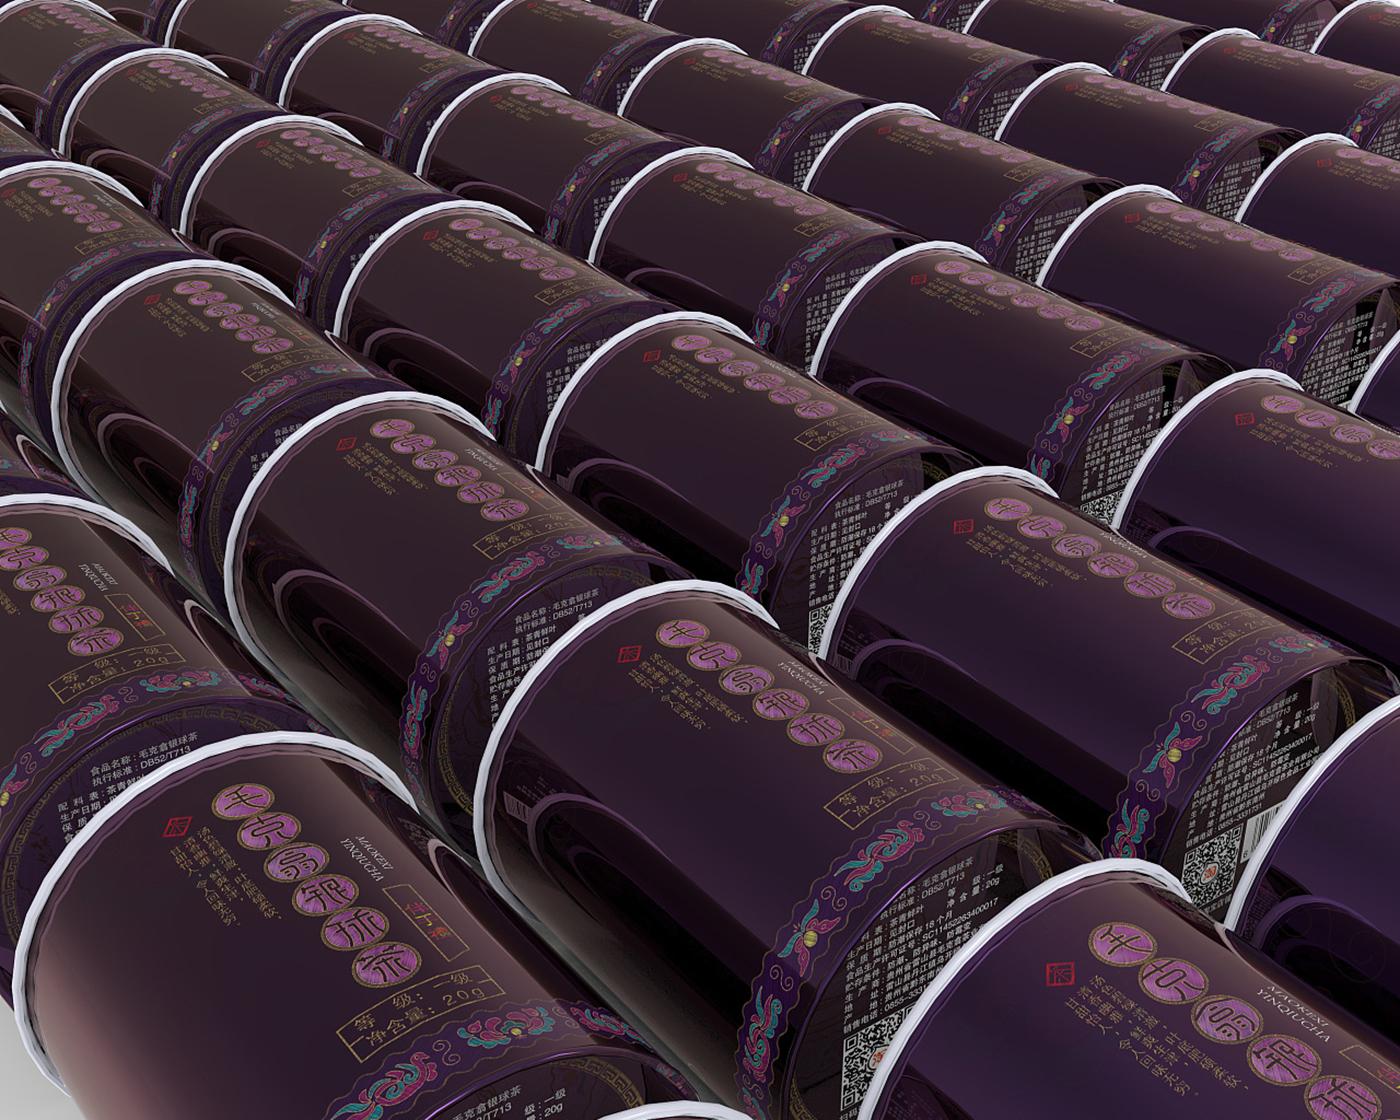 贵州毛克翕银球苗绣茶叶罐装包装设计-民族特色茶包装设计